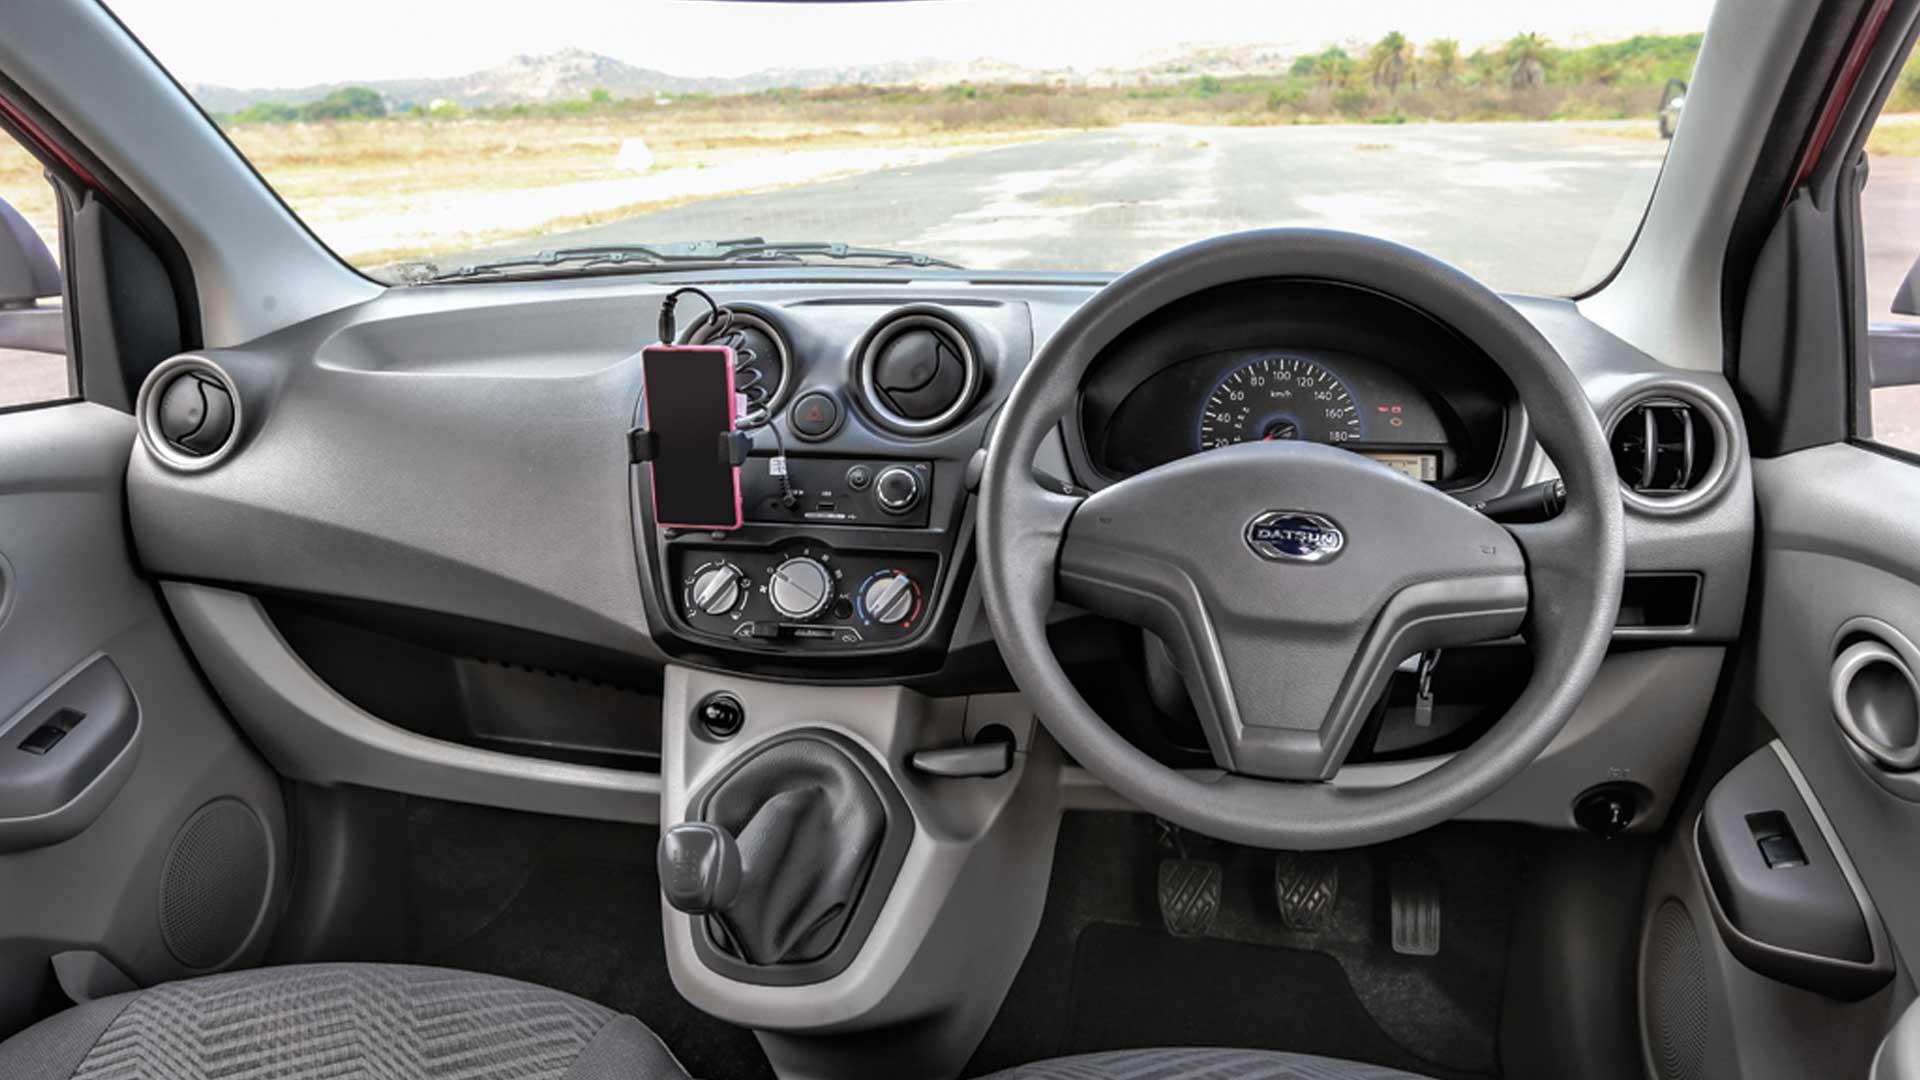 Datsun-go-2014- A Exterior